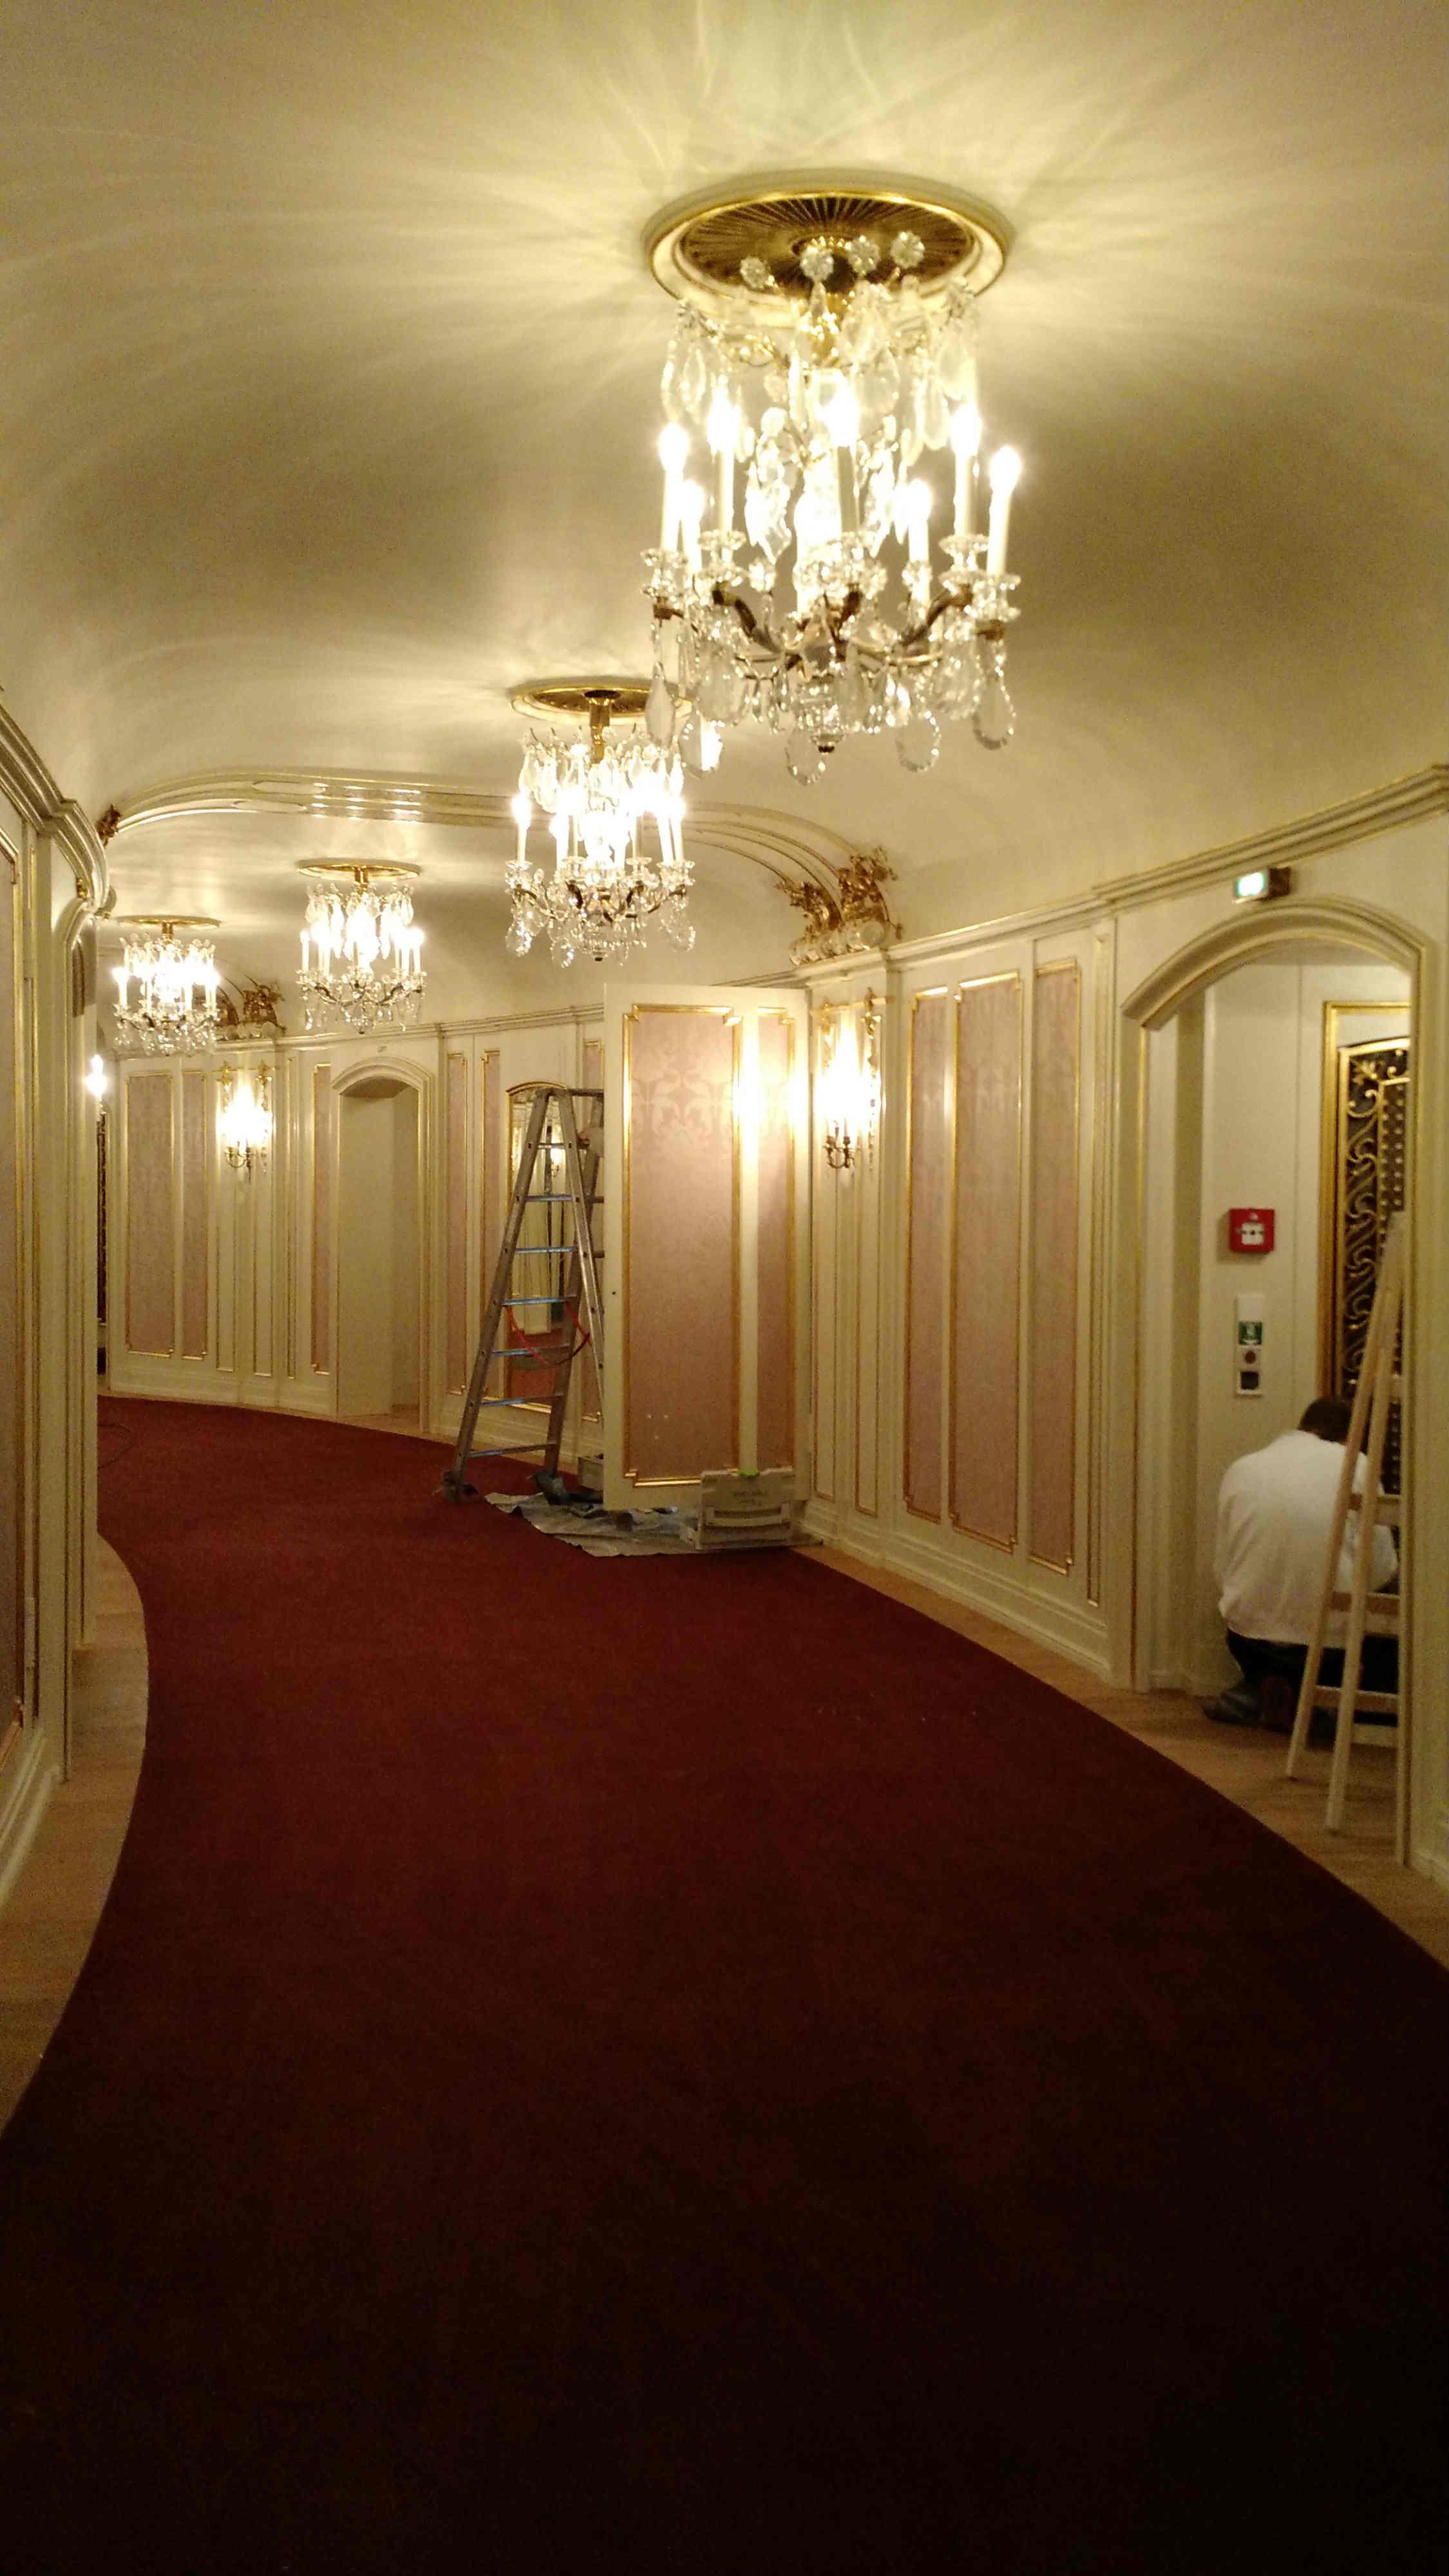 Passé, présent et futur, une mise au point ? [Pv : Batman] Berlin-Opera-House-corridor